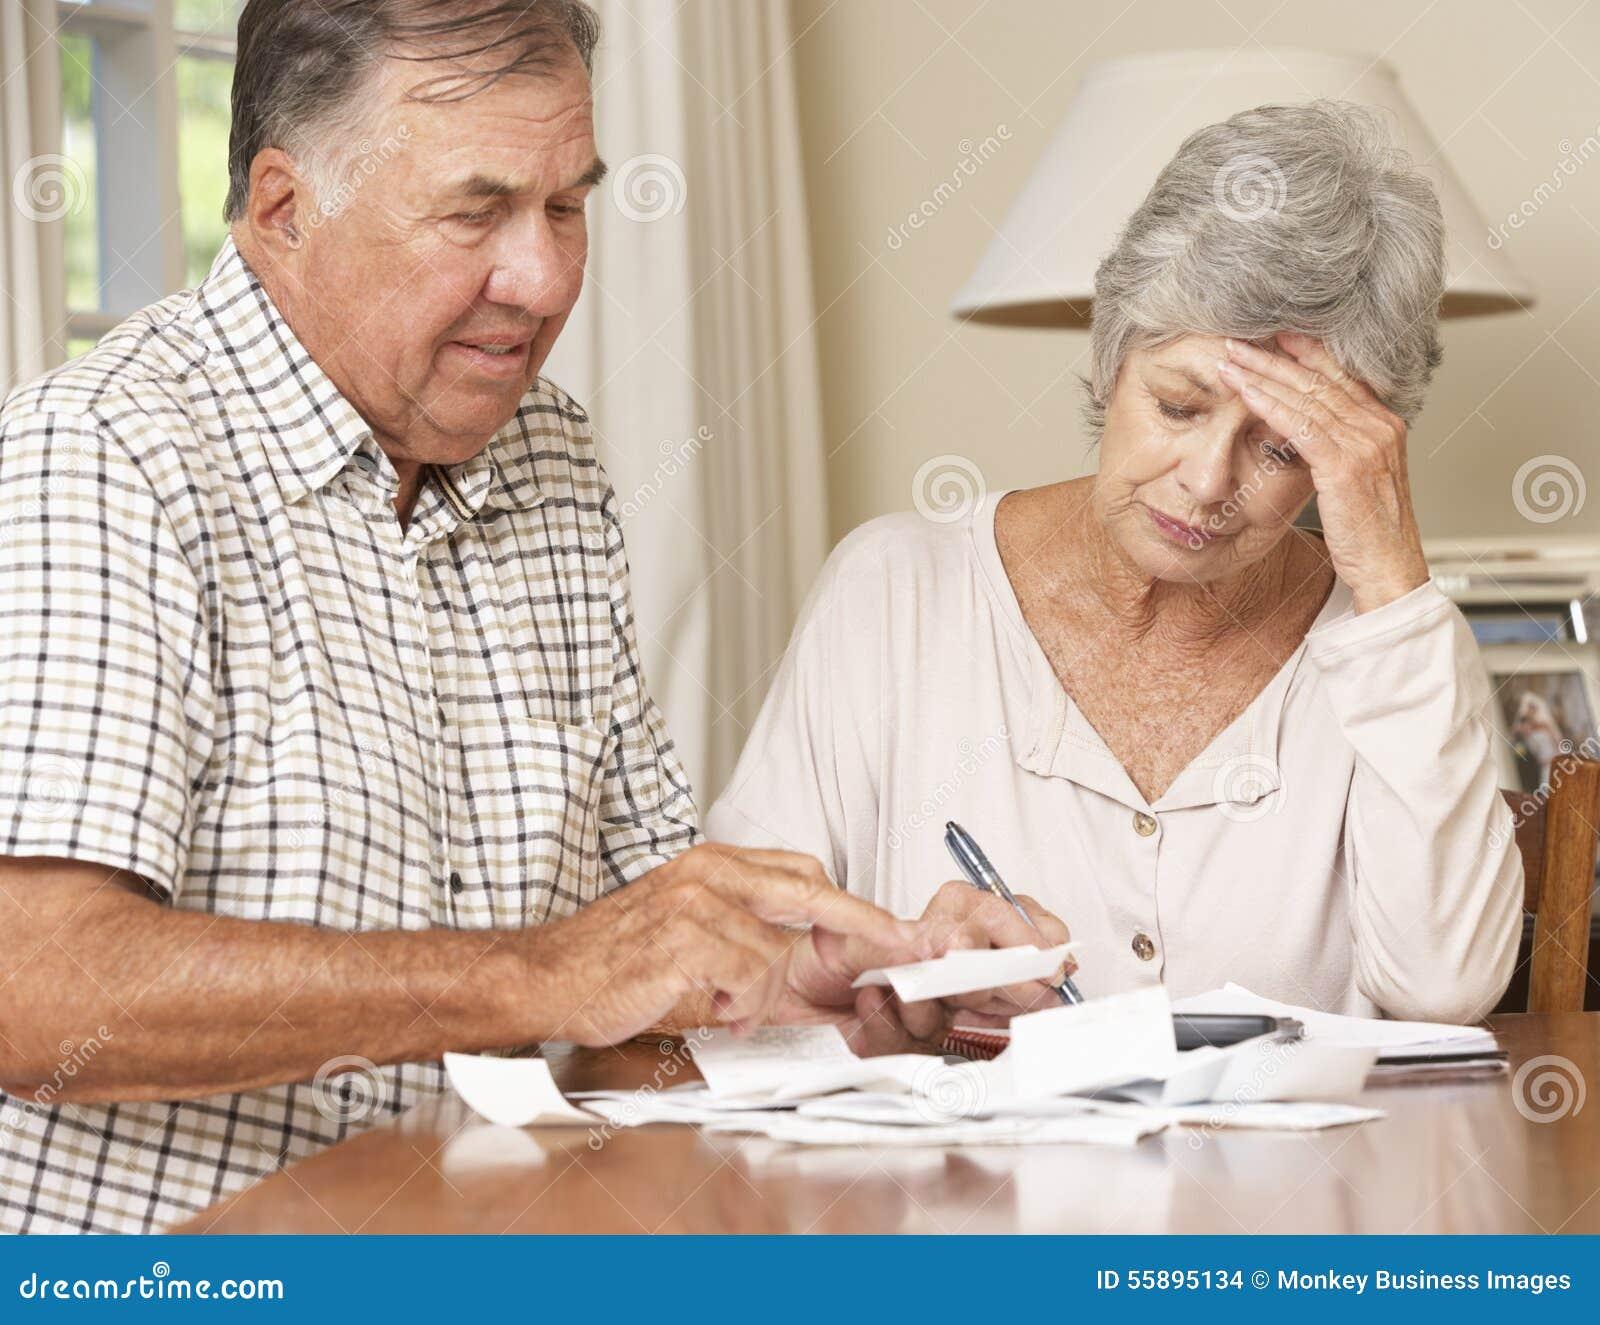 Ανώτερο ζεύγος ενδιαφερόμενο για το χρέος που περνά από Bill από κοινού